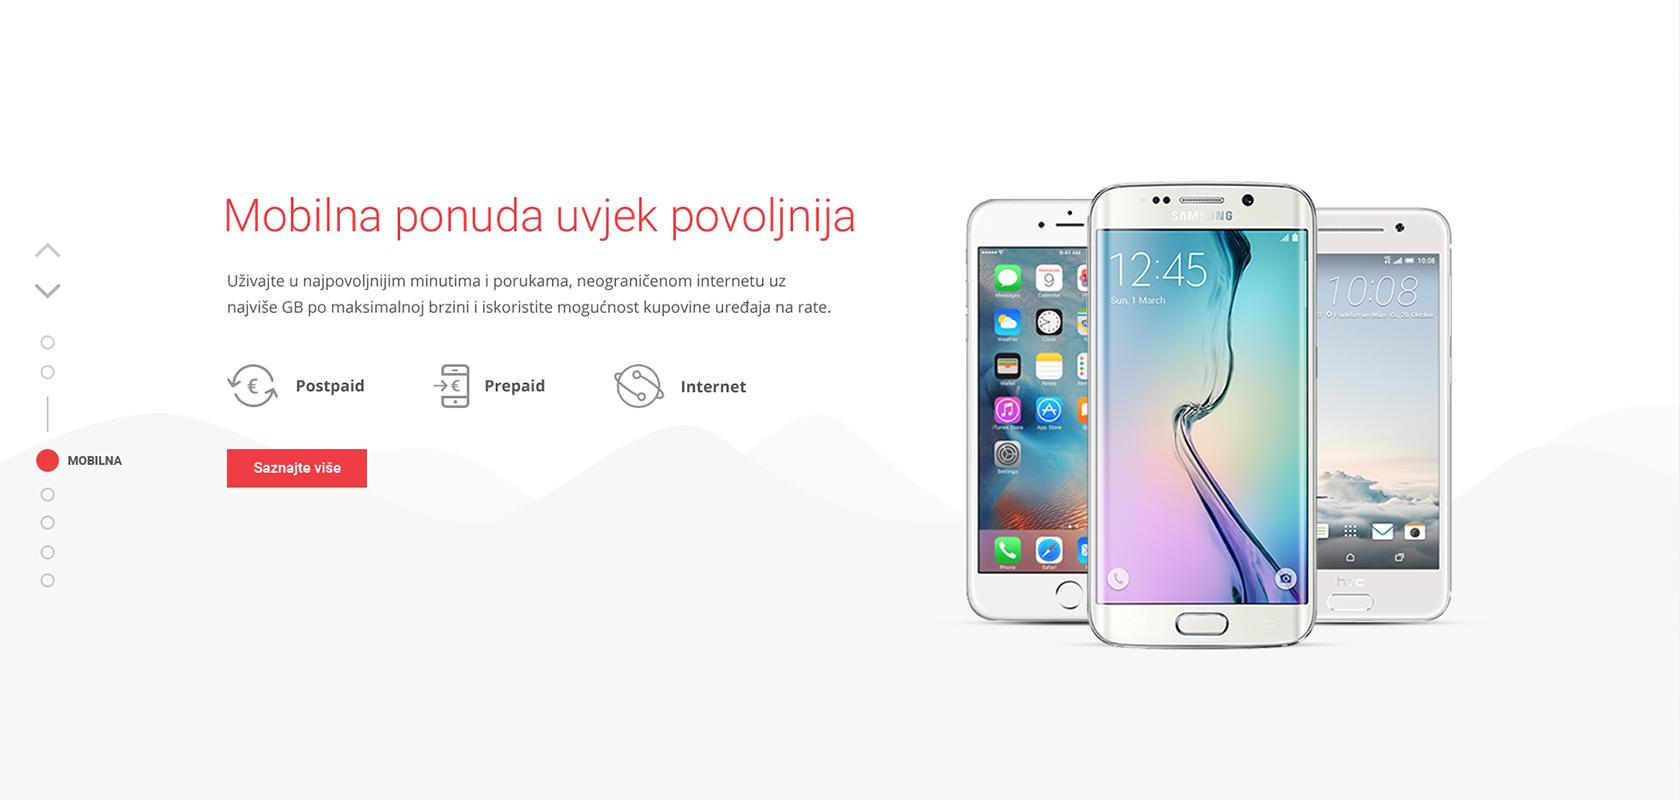 slide_03.png